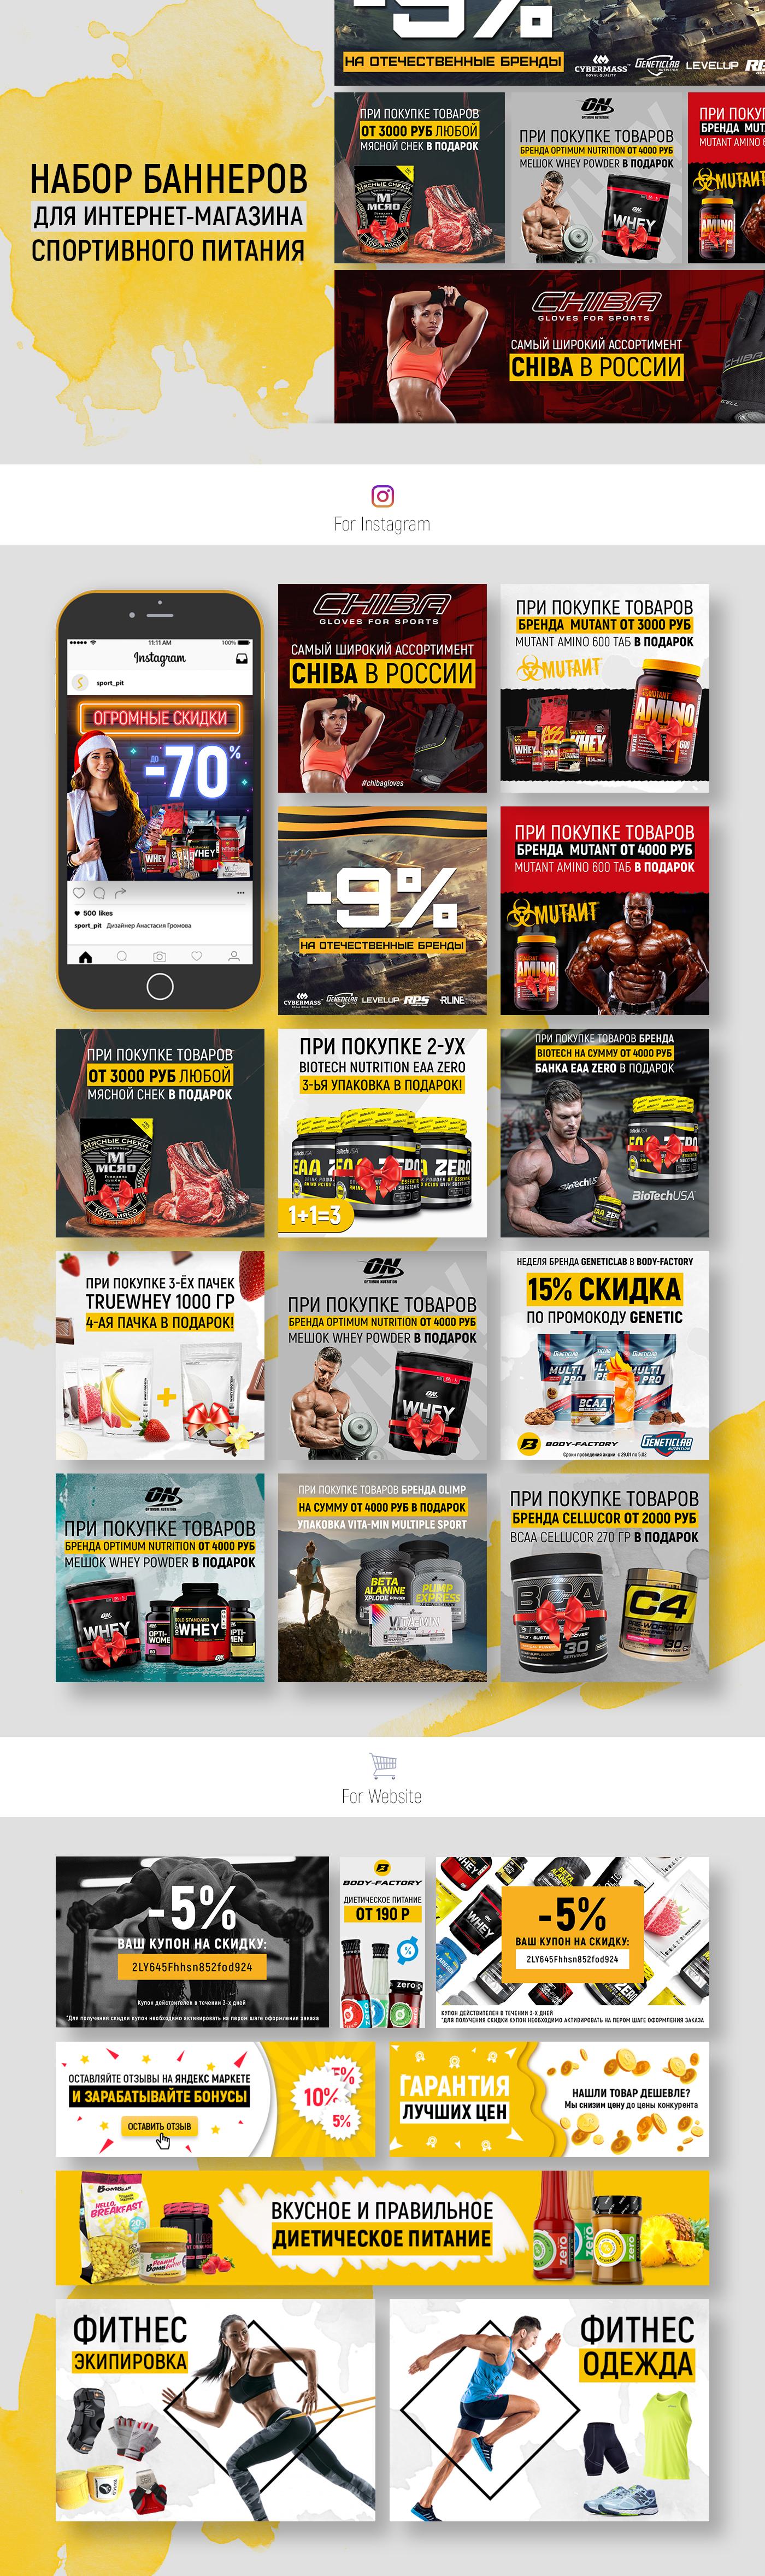 Большой набор баннеров спортивное питание